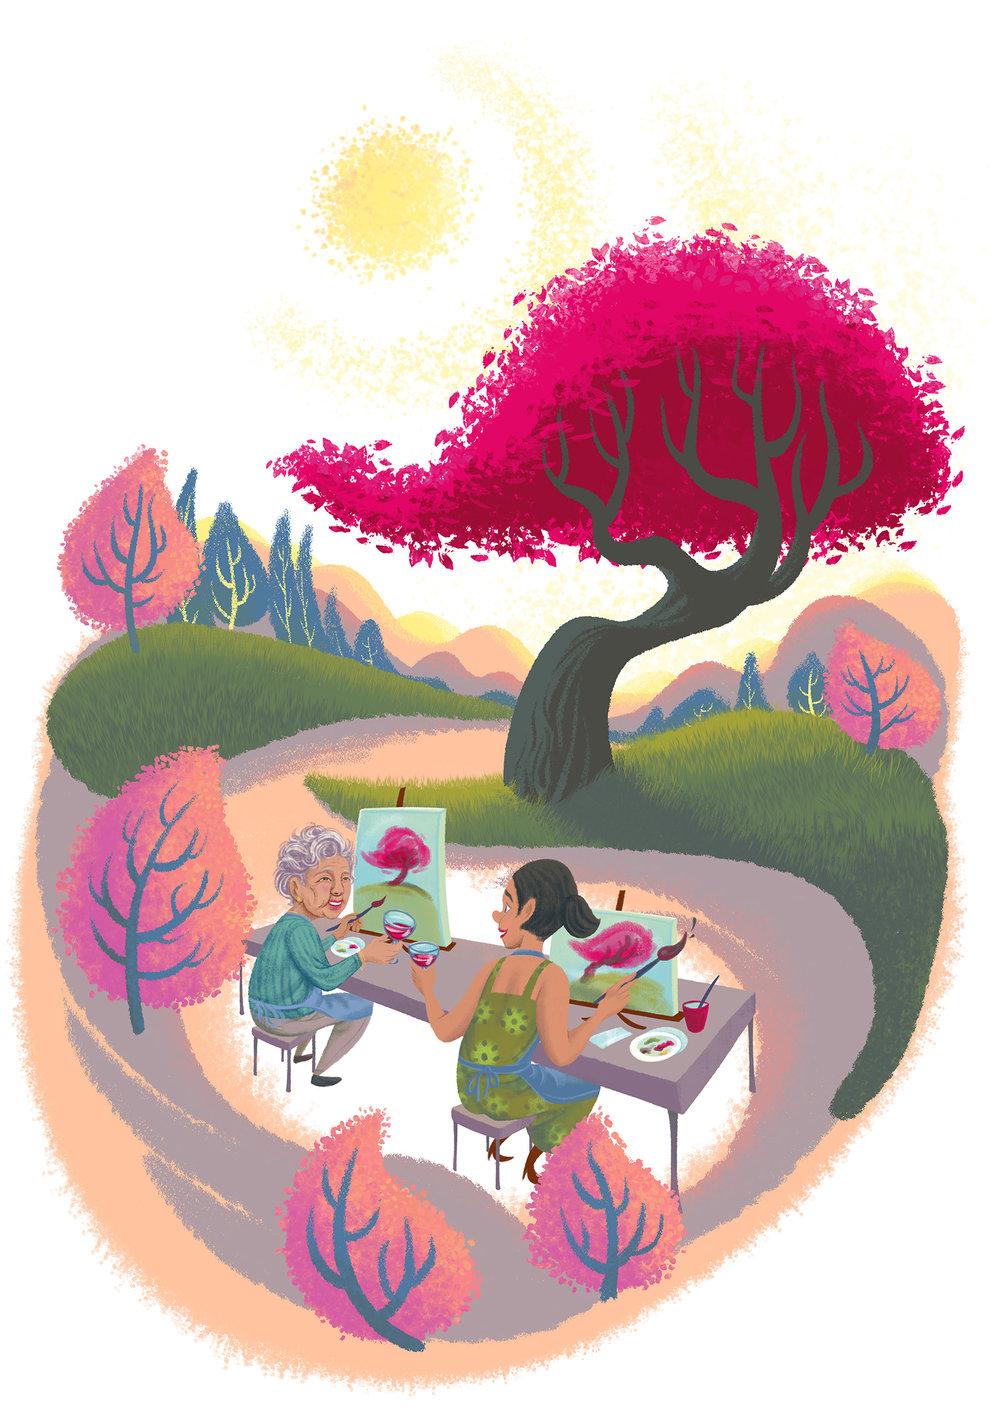 HaydenCurrie-Illustration-PinotsPalette-CherryTree.jpg